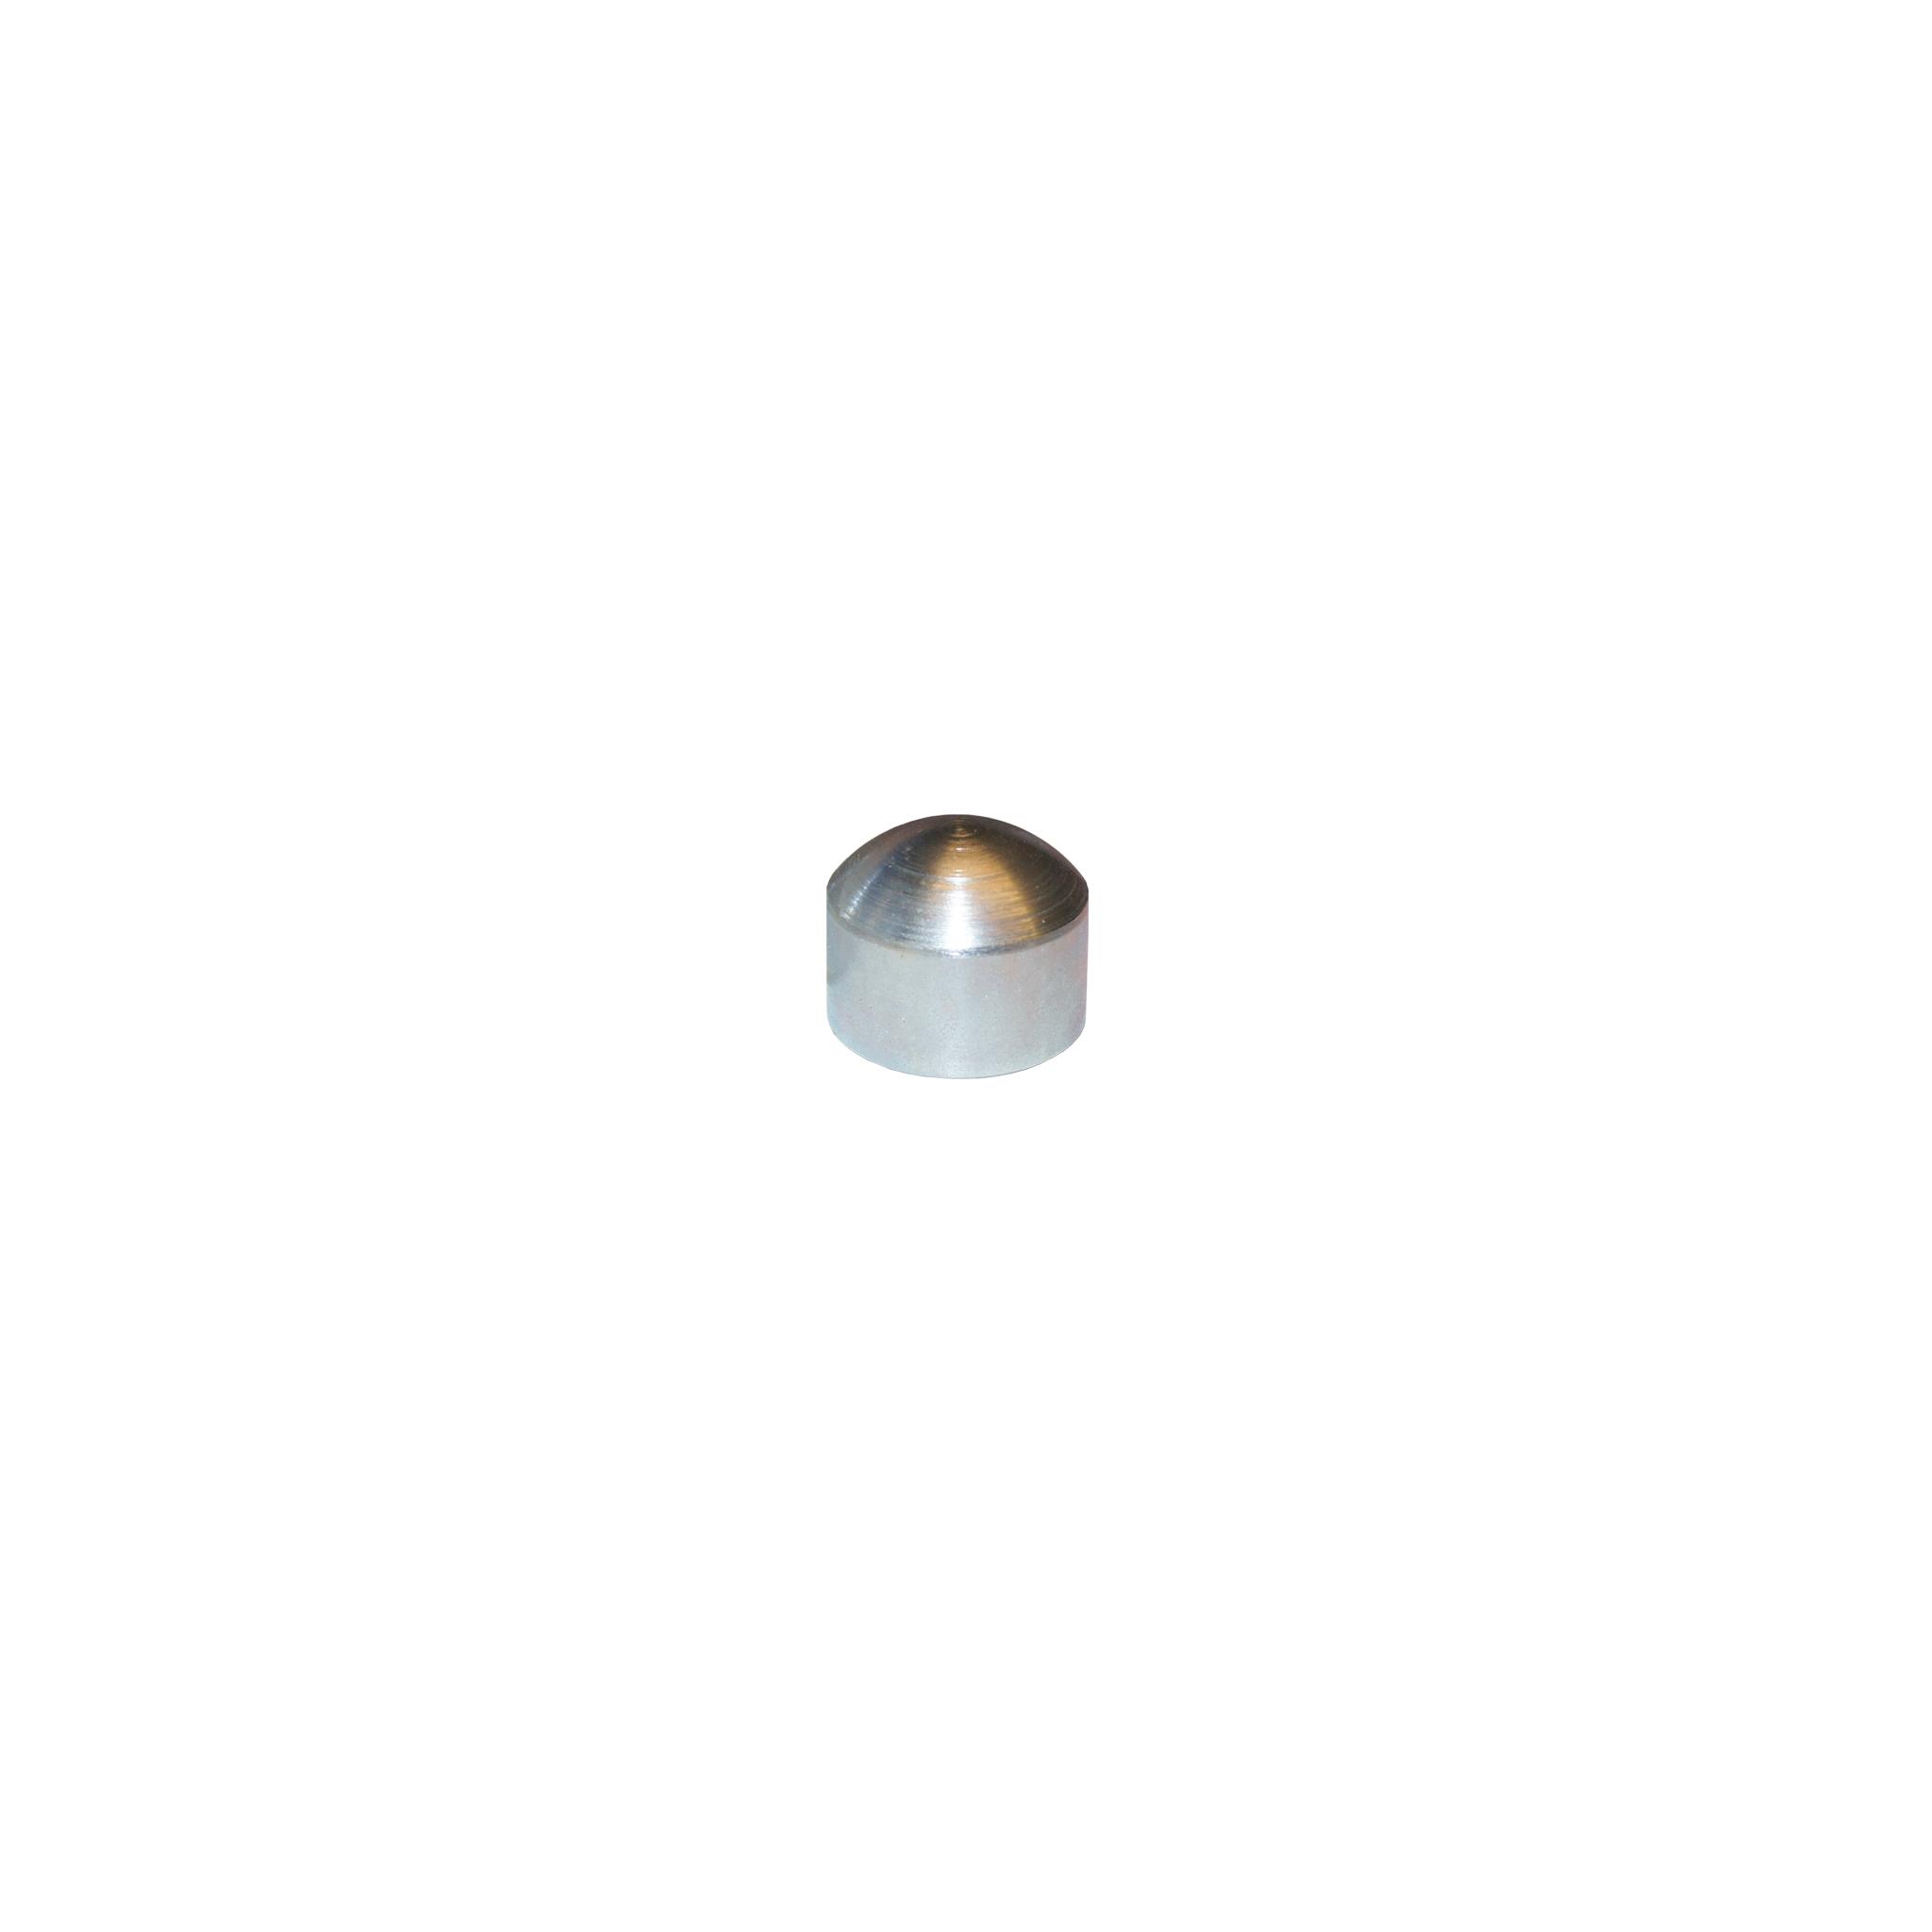 Round punch